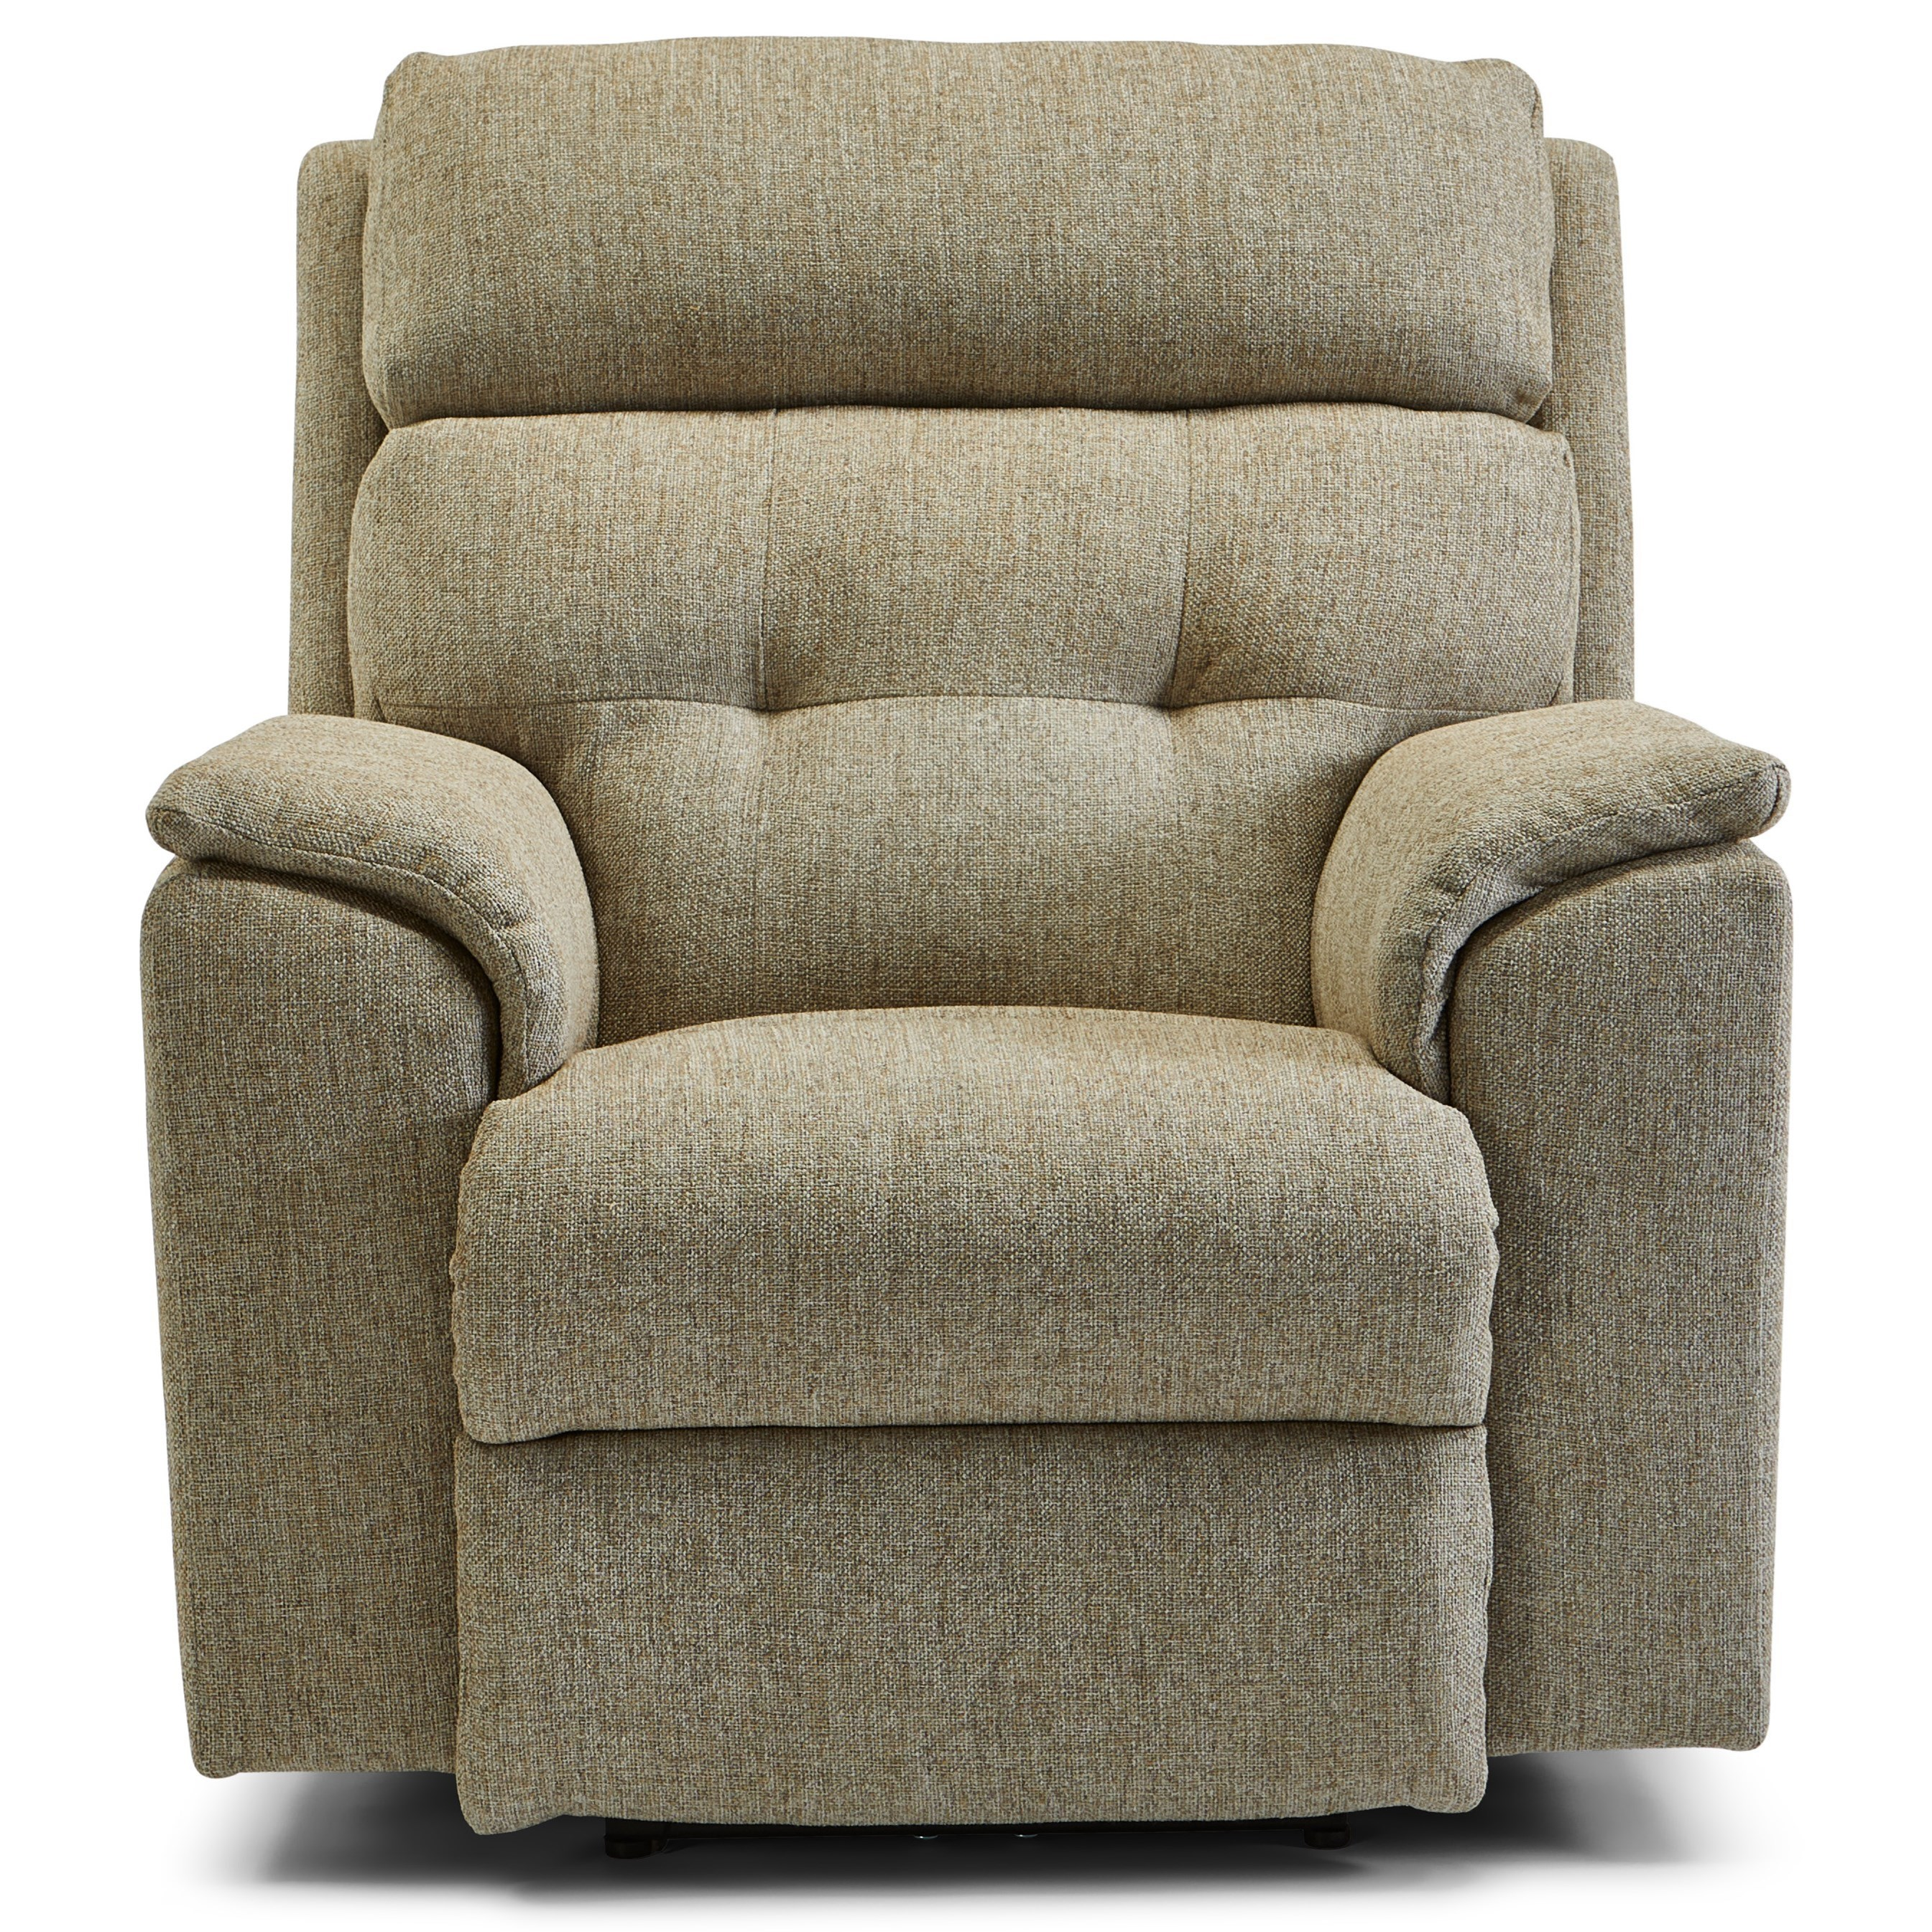 Mason Power Recliner w/ Pwr Headrest by Flexsteel at Jordan's Home Furnishings